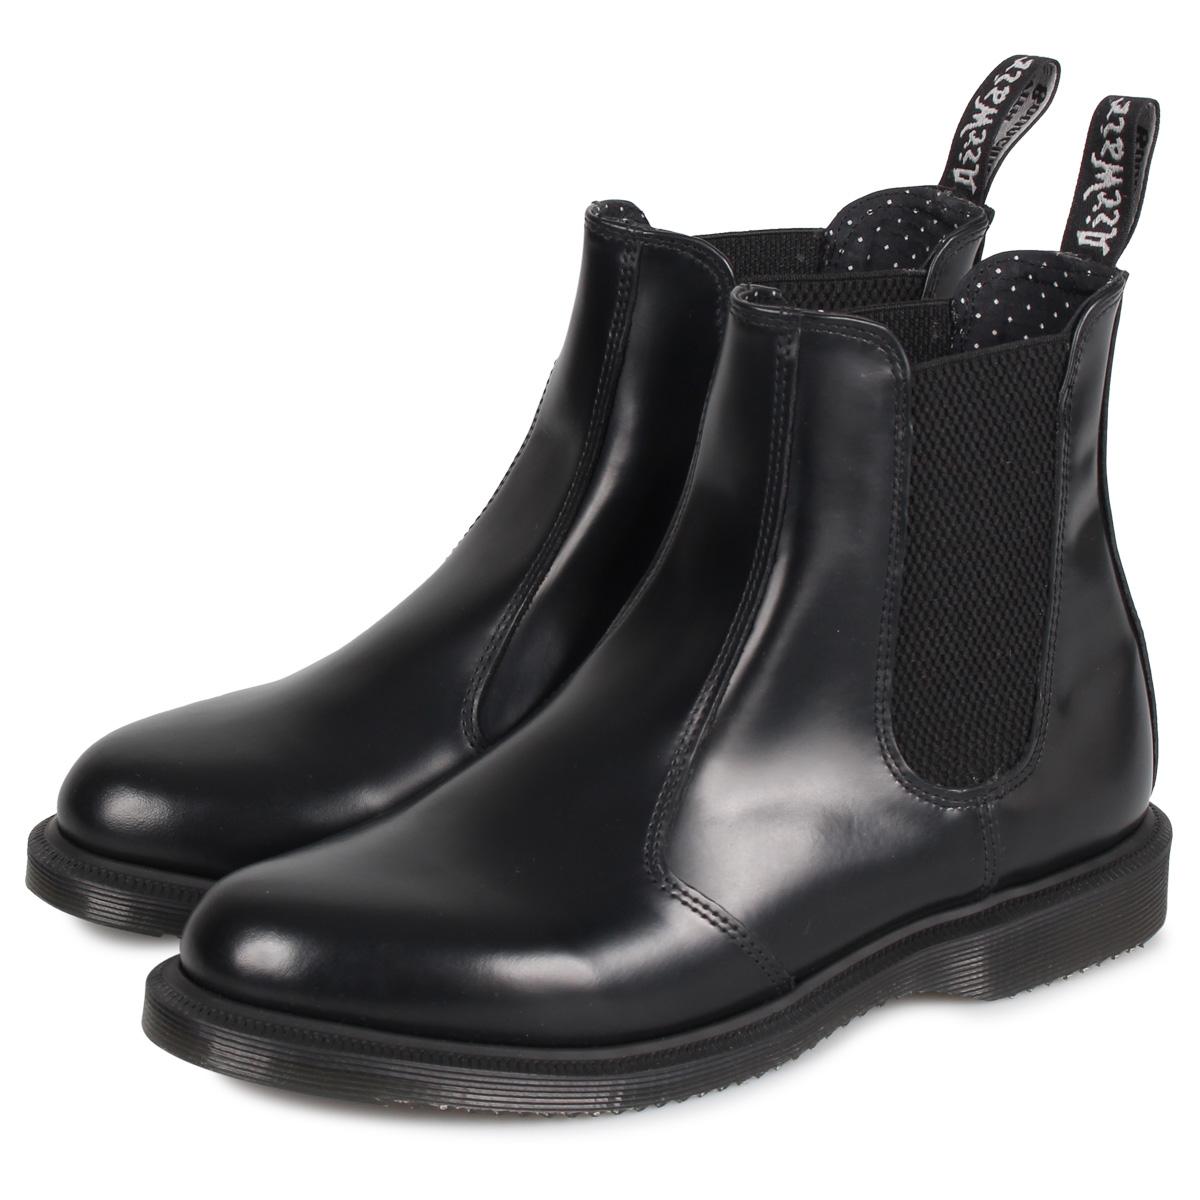 Dr.Martens FLORA CHELSEA BOOT ドクター マーチン サイドゴア ブーツ メンズ レディース チェルシーブーツ ブラック 黒 R14649001